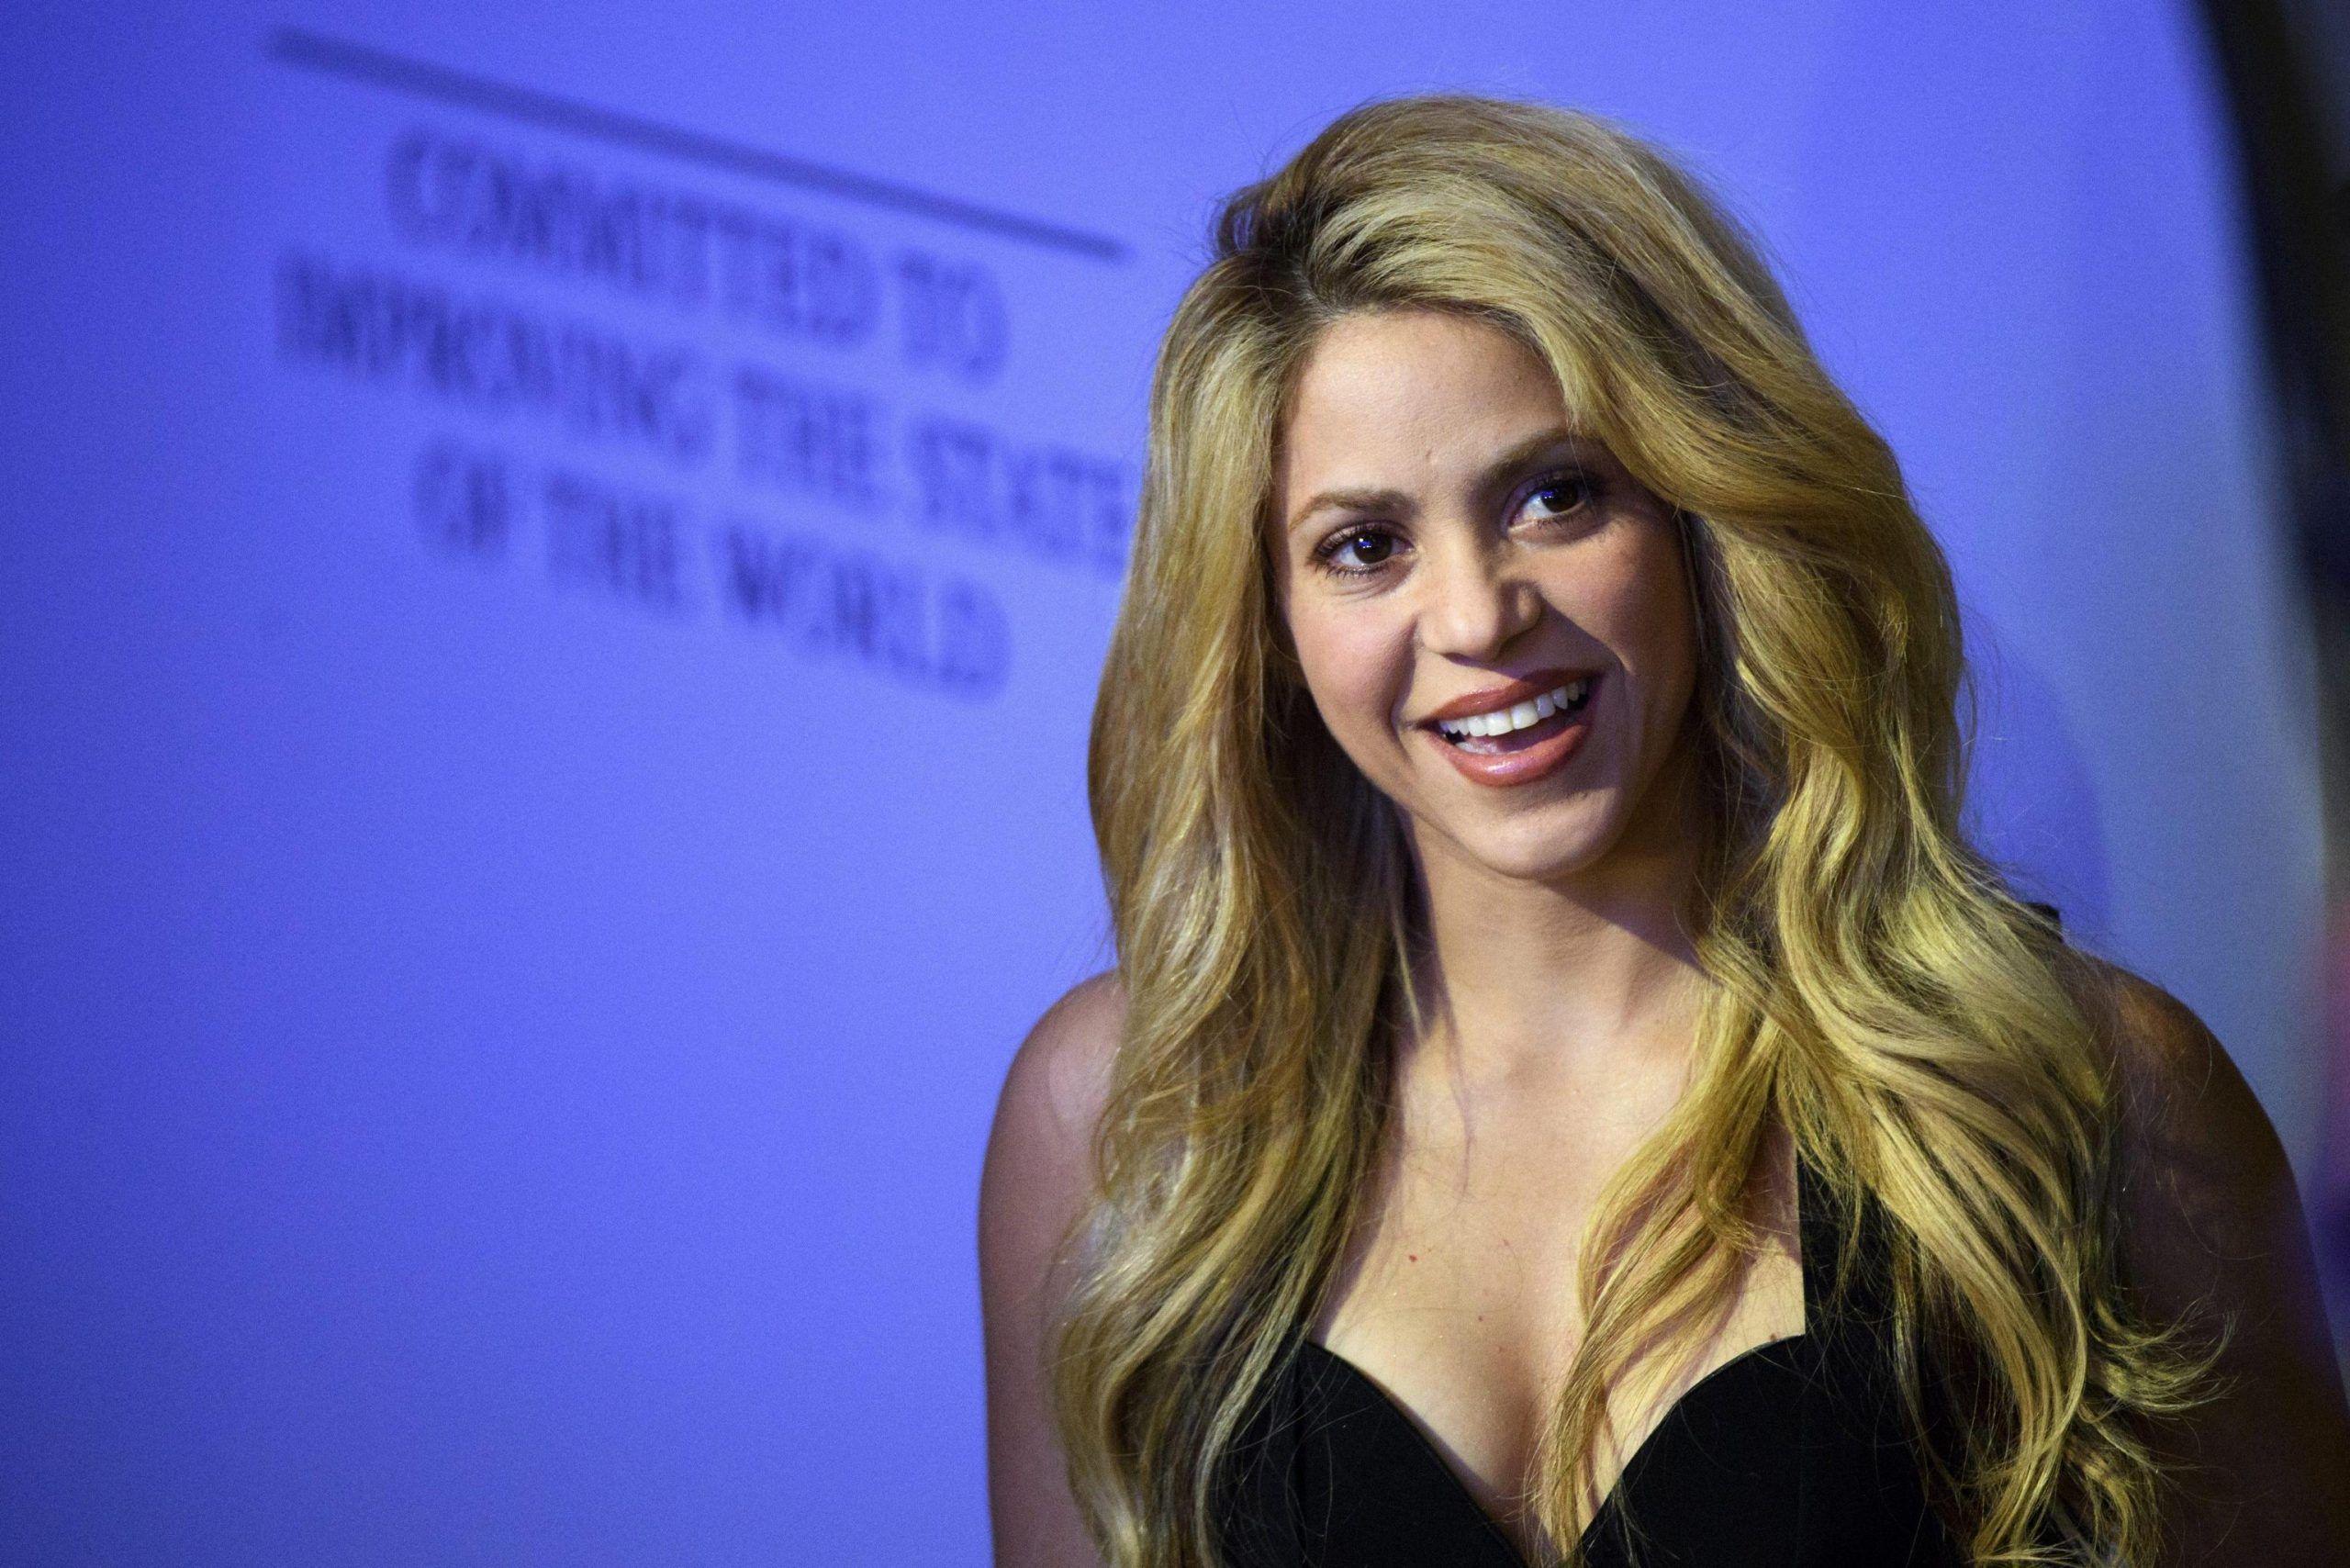 Shakira rimanda il tour per problemi alle corde vocali: 'Sono ansiosa di tornare sul palco'